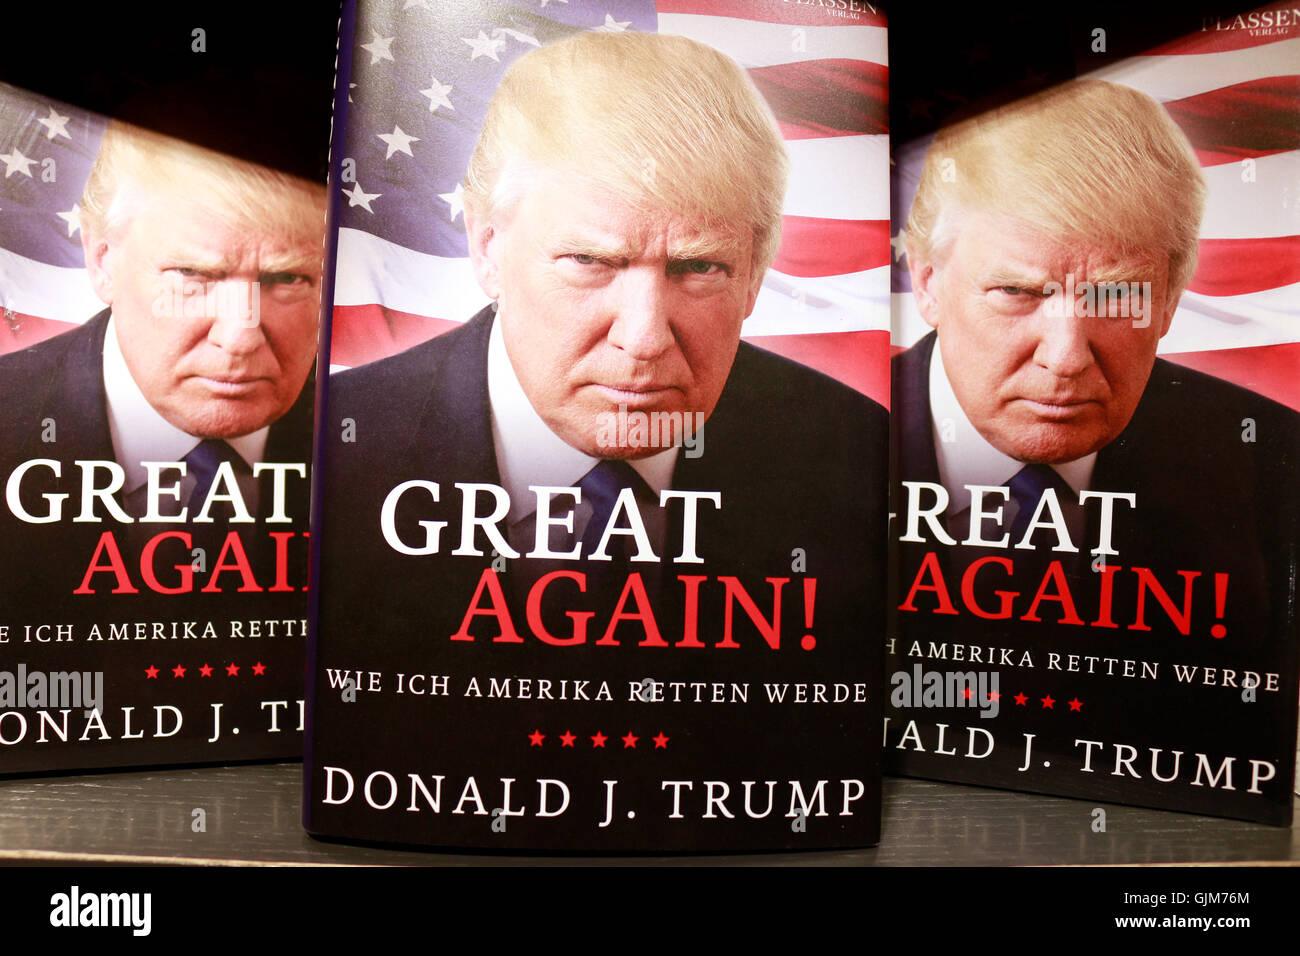 Donald Trump auf einem Buchcover - Symbolbild zum Praesidentschaftswahlkampf in den USA, Berlin. Stock Photo